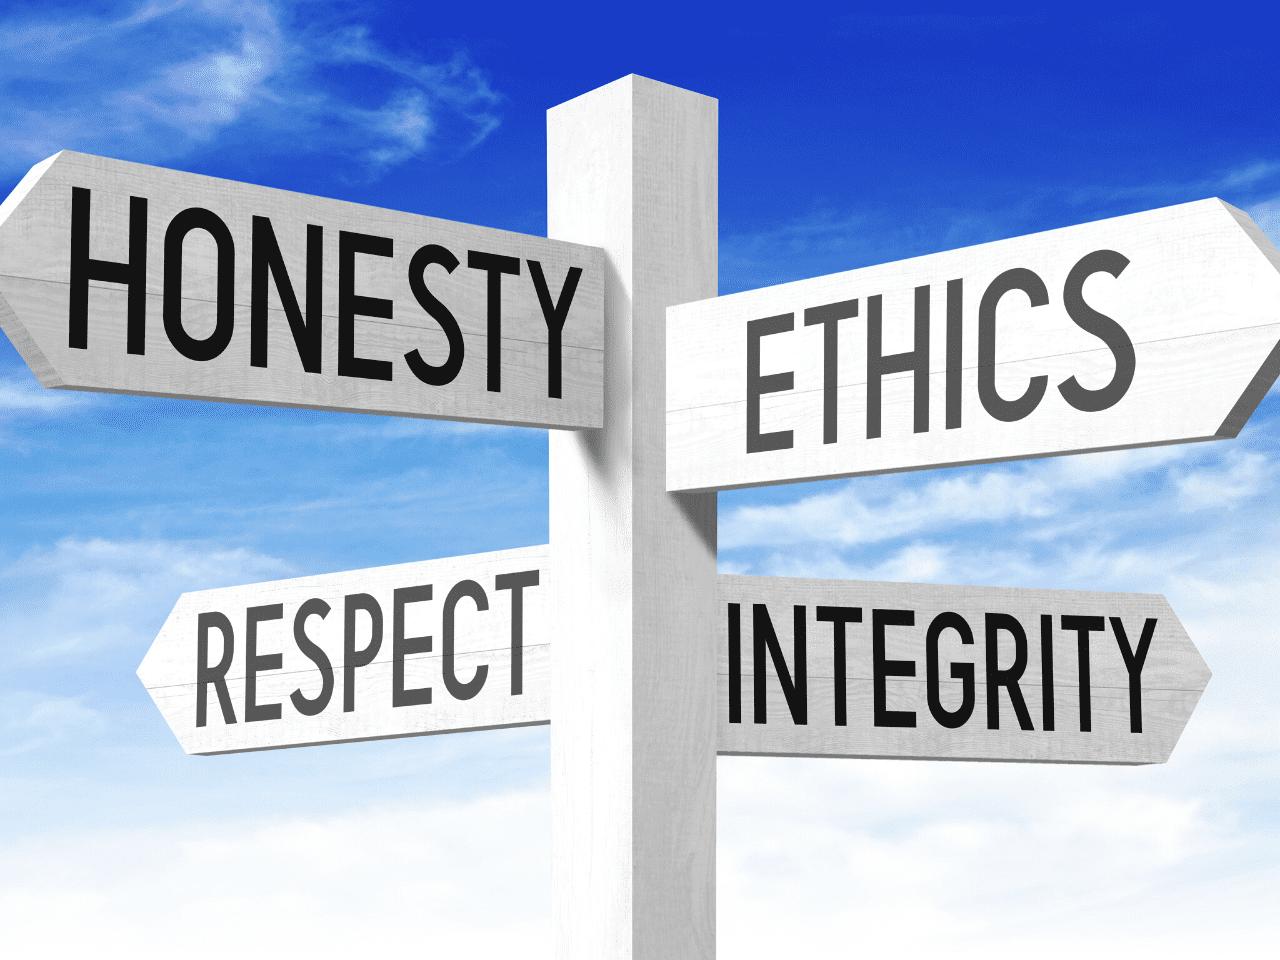 insurance honesty ethics respect